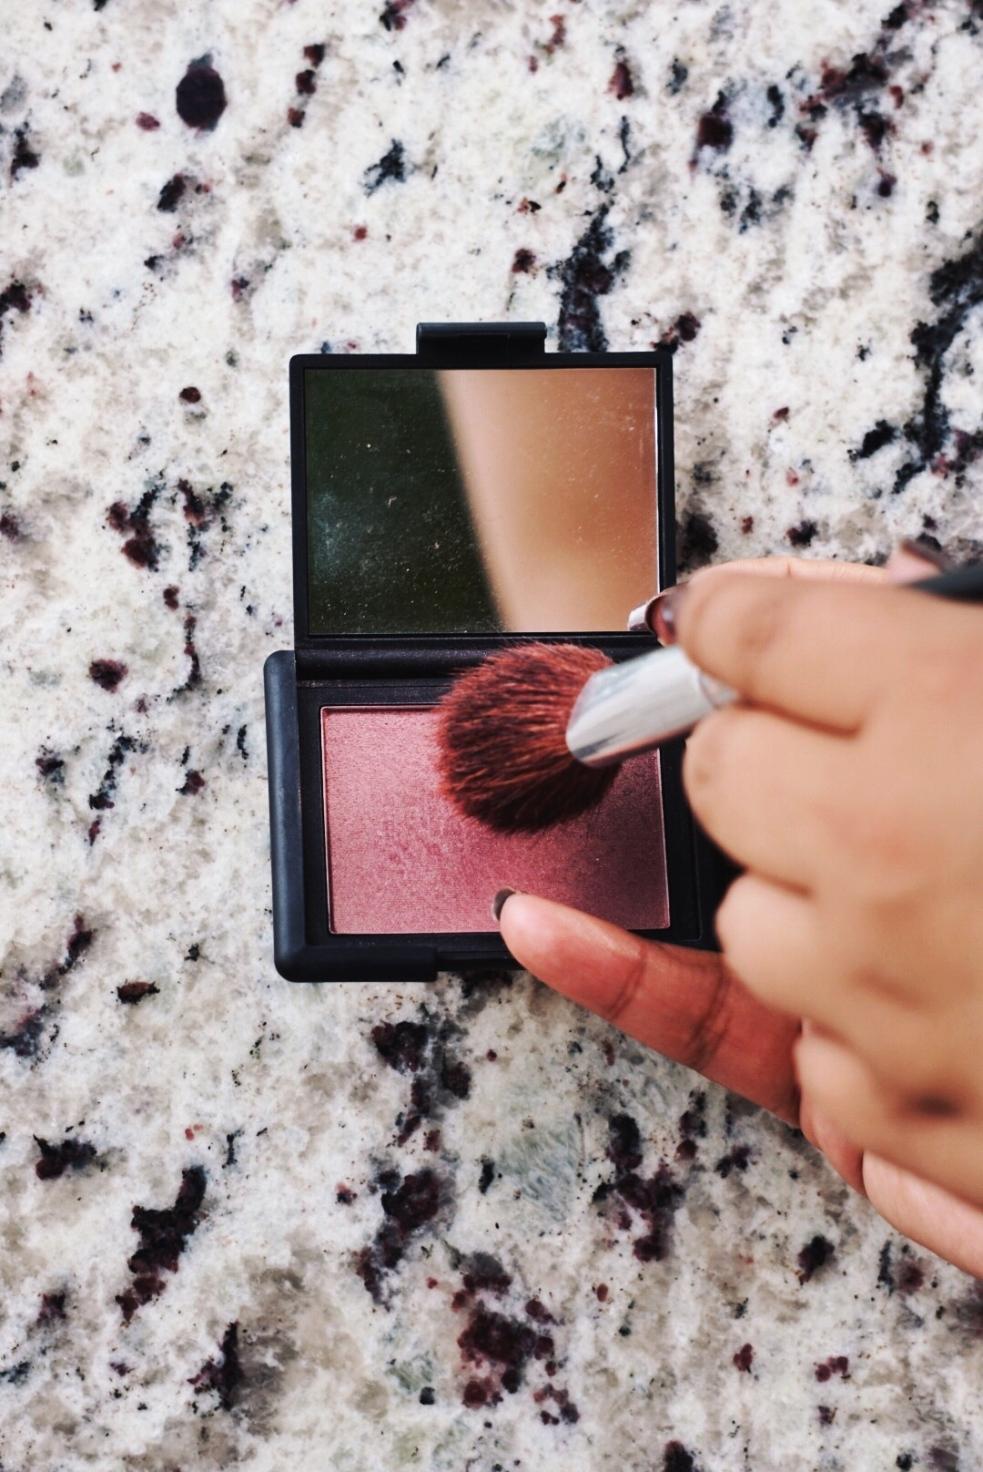 NARS Sin Blush Everyday Makeup Routine